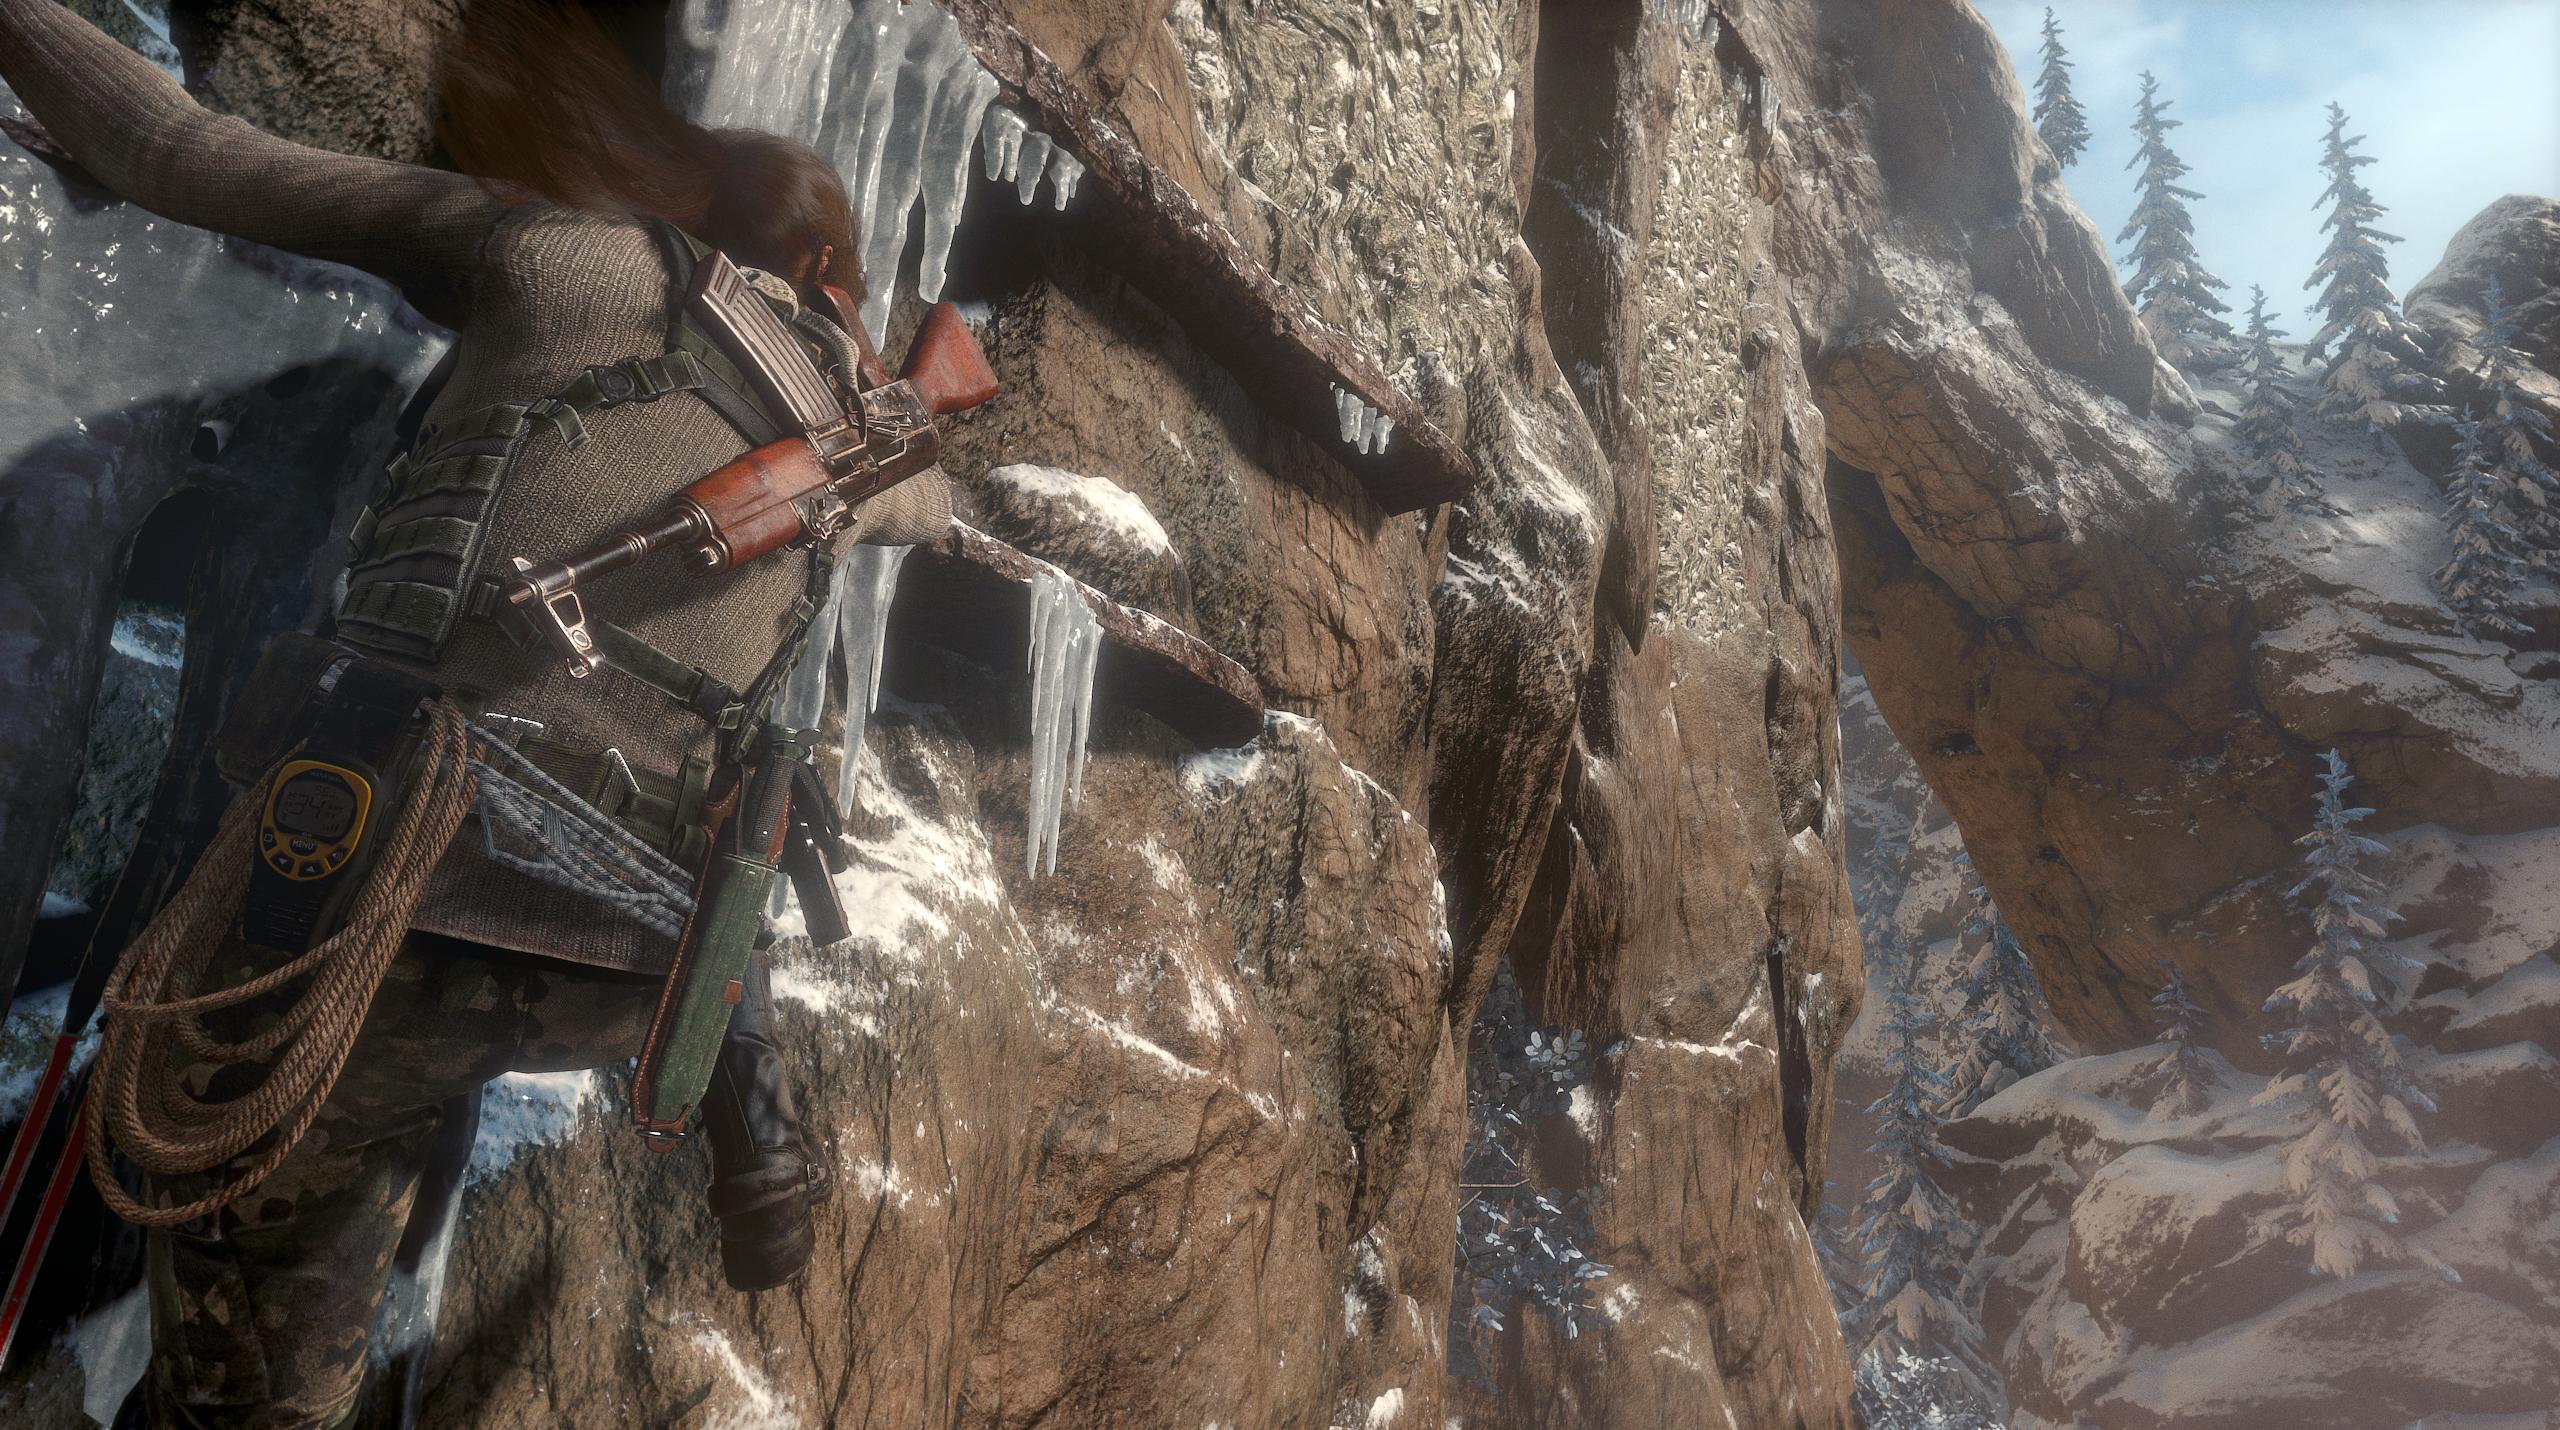 Obrázky z Rise of the Tomb Raider před vydáním PS4 verze 131614